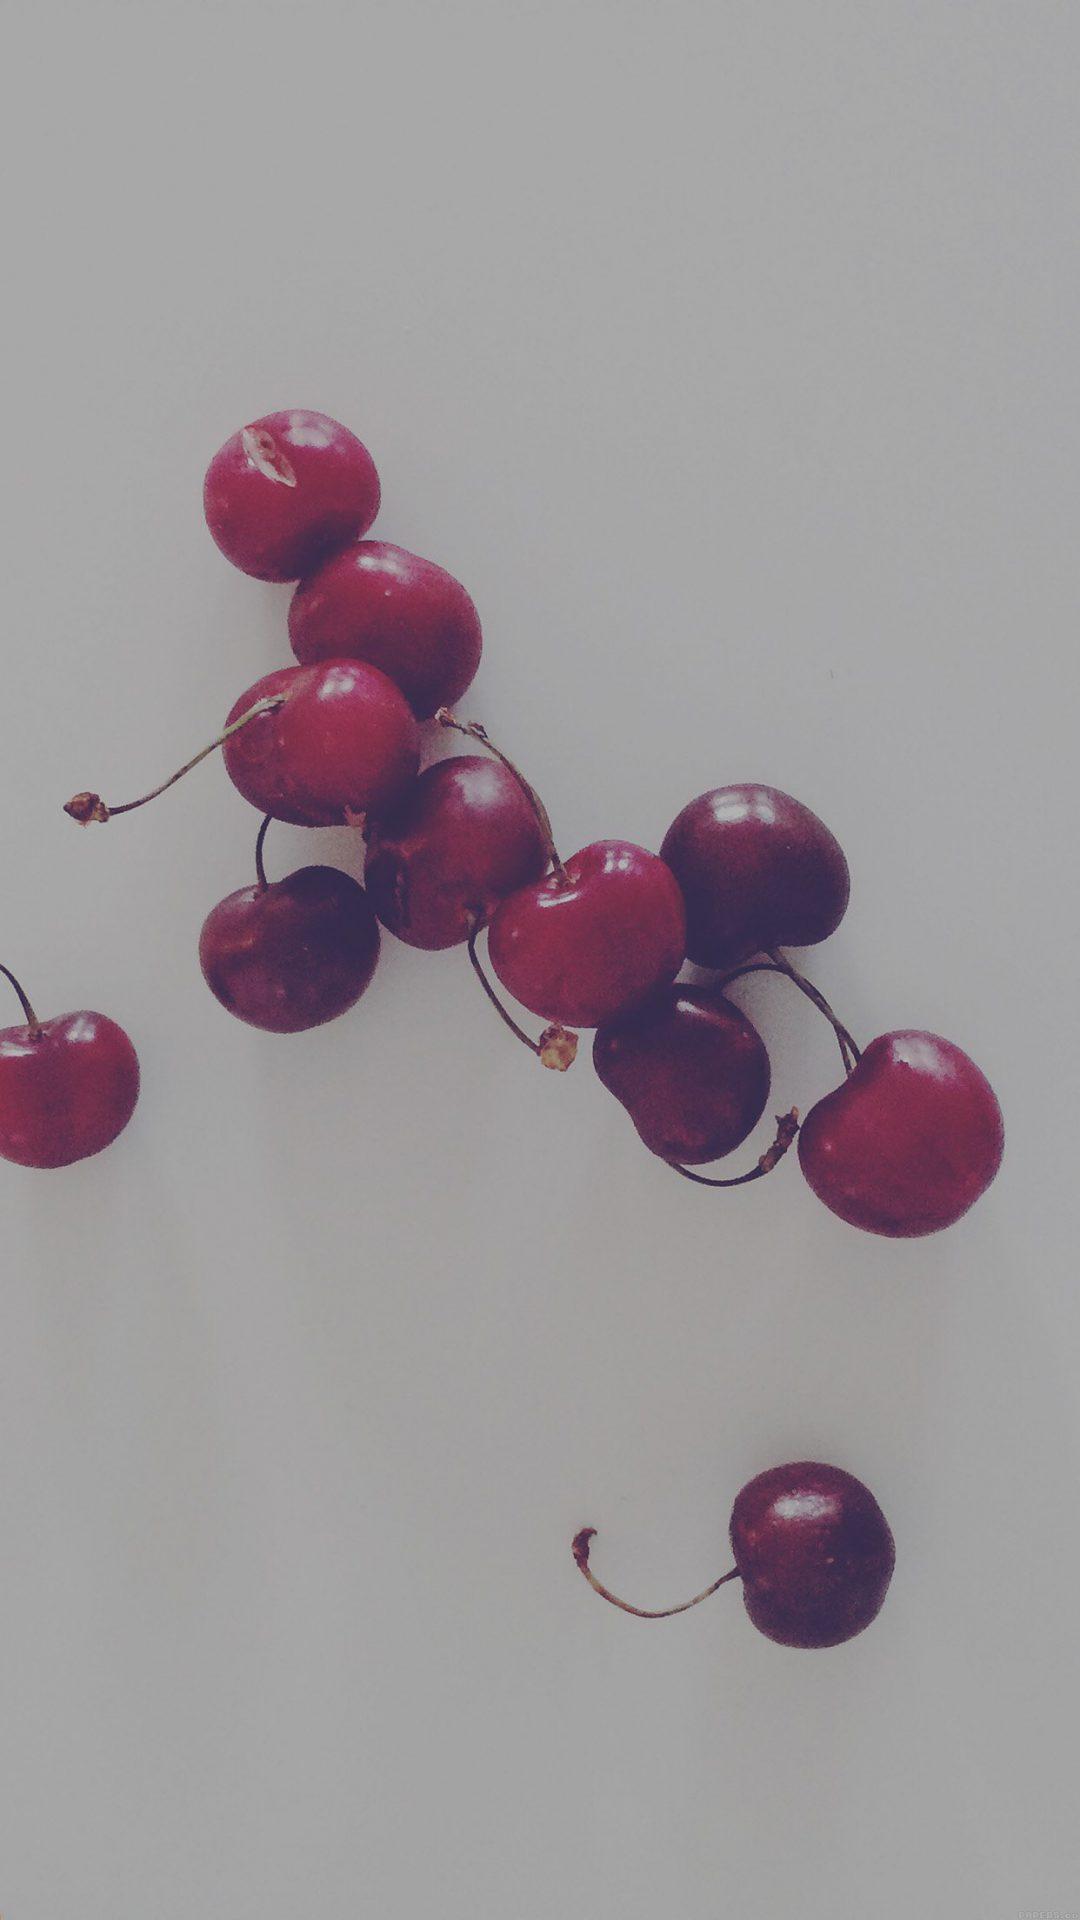 Cherry Red Dark Paula Borowska Fruit Nature